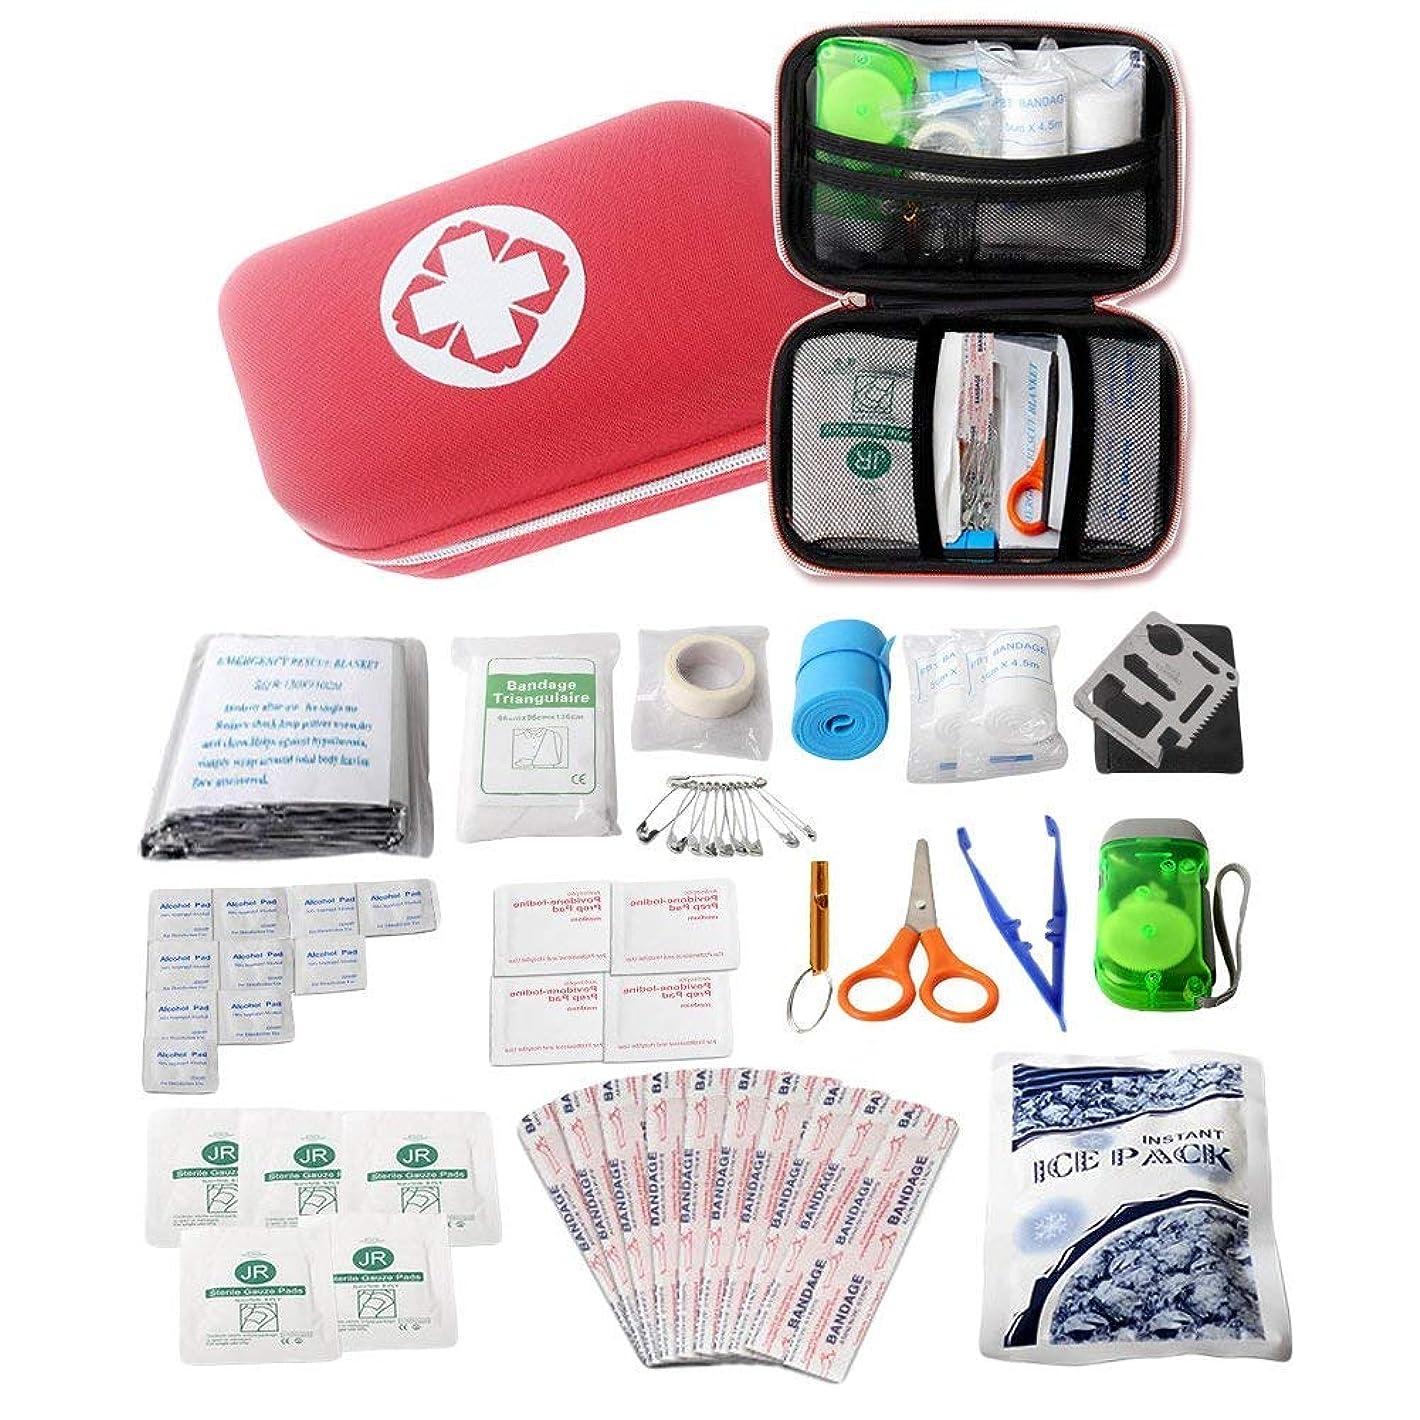 難民更新最初に救急箱セット 携帯用 ASDSH 救急セット 応急処置 救急バッグ 多機能 応急処置セット 家庭 職場 学校 アウトドア 登山 旅行 非常時用 ファーストエイドキット 18種類